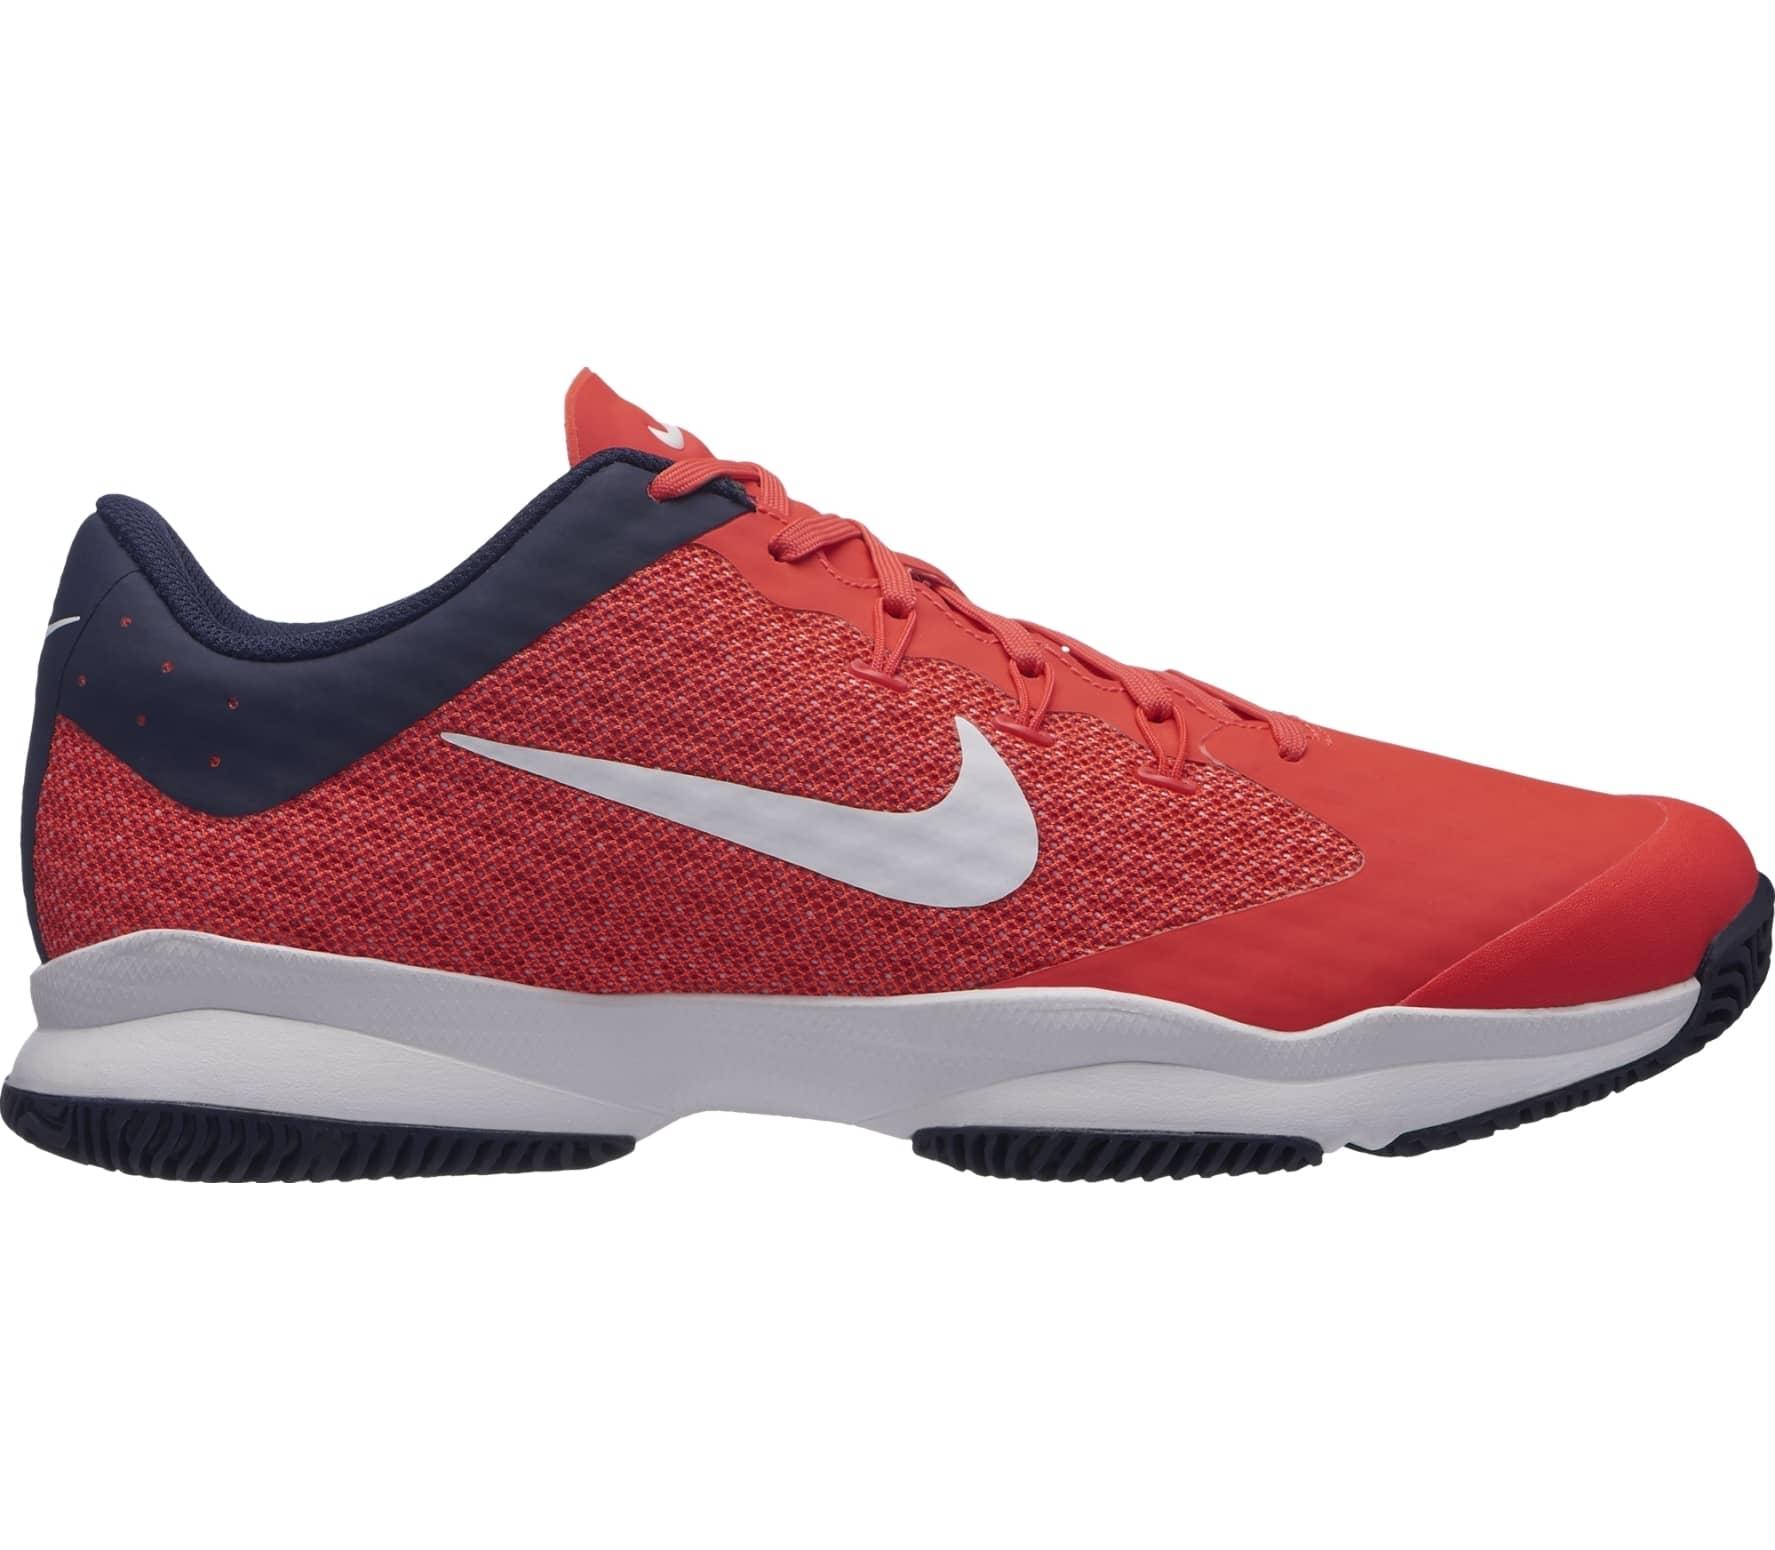 Nike Air Zoom Ultra Herren rot